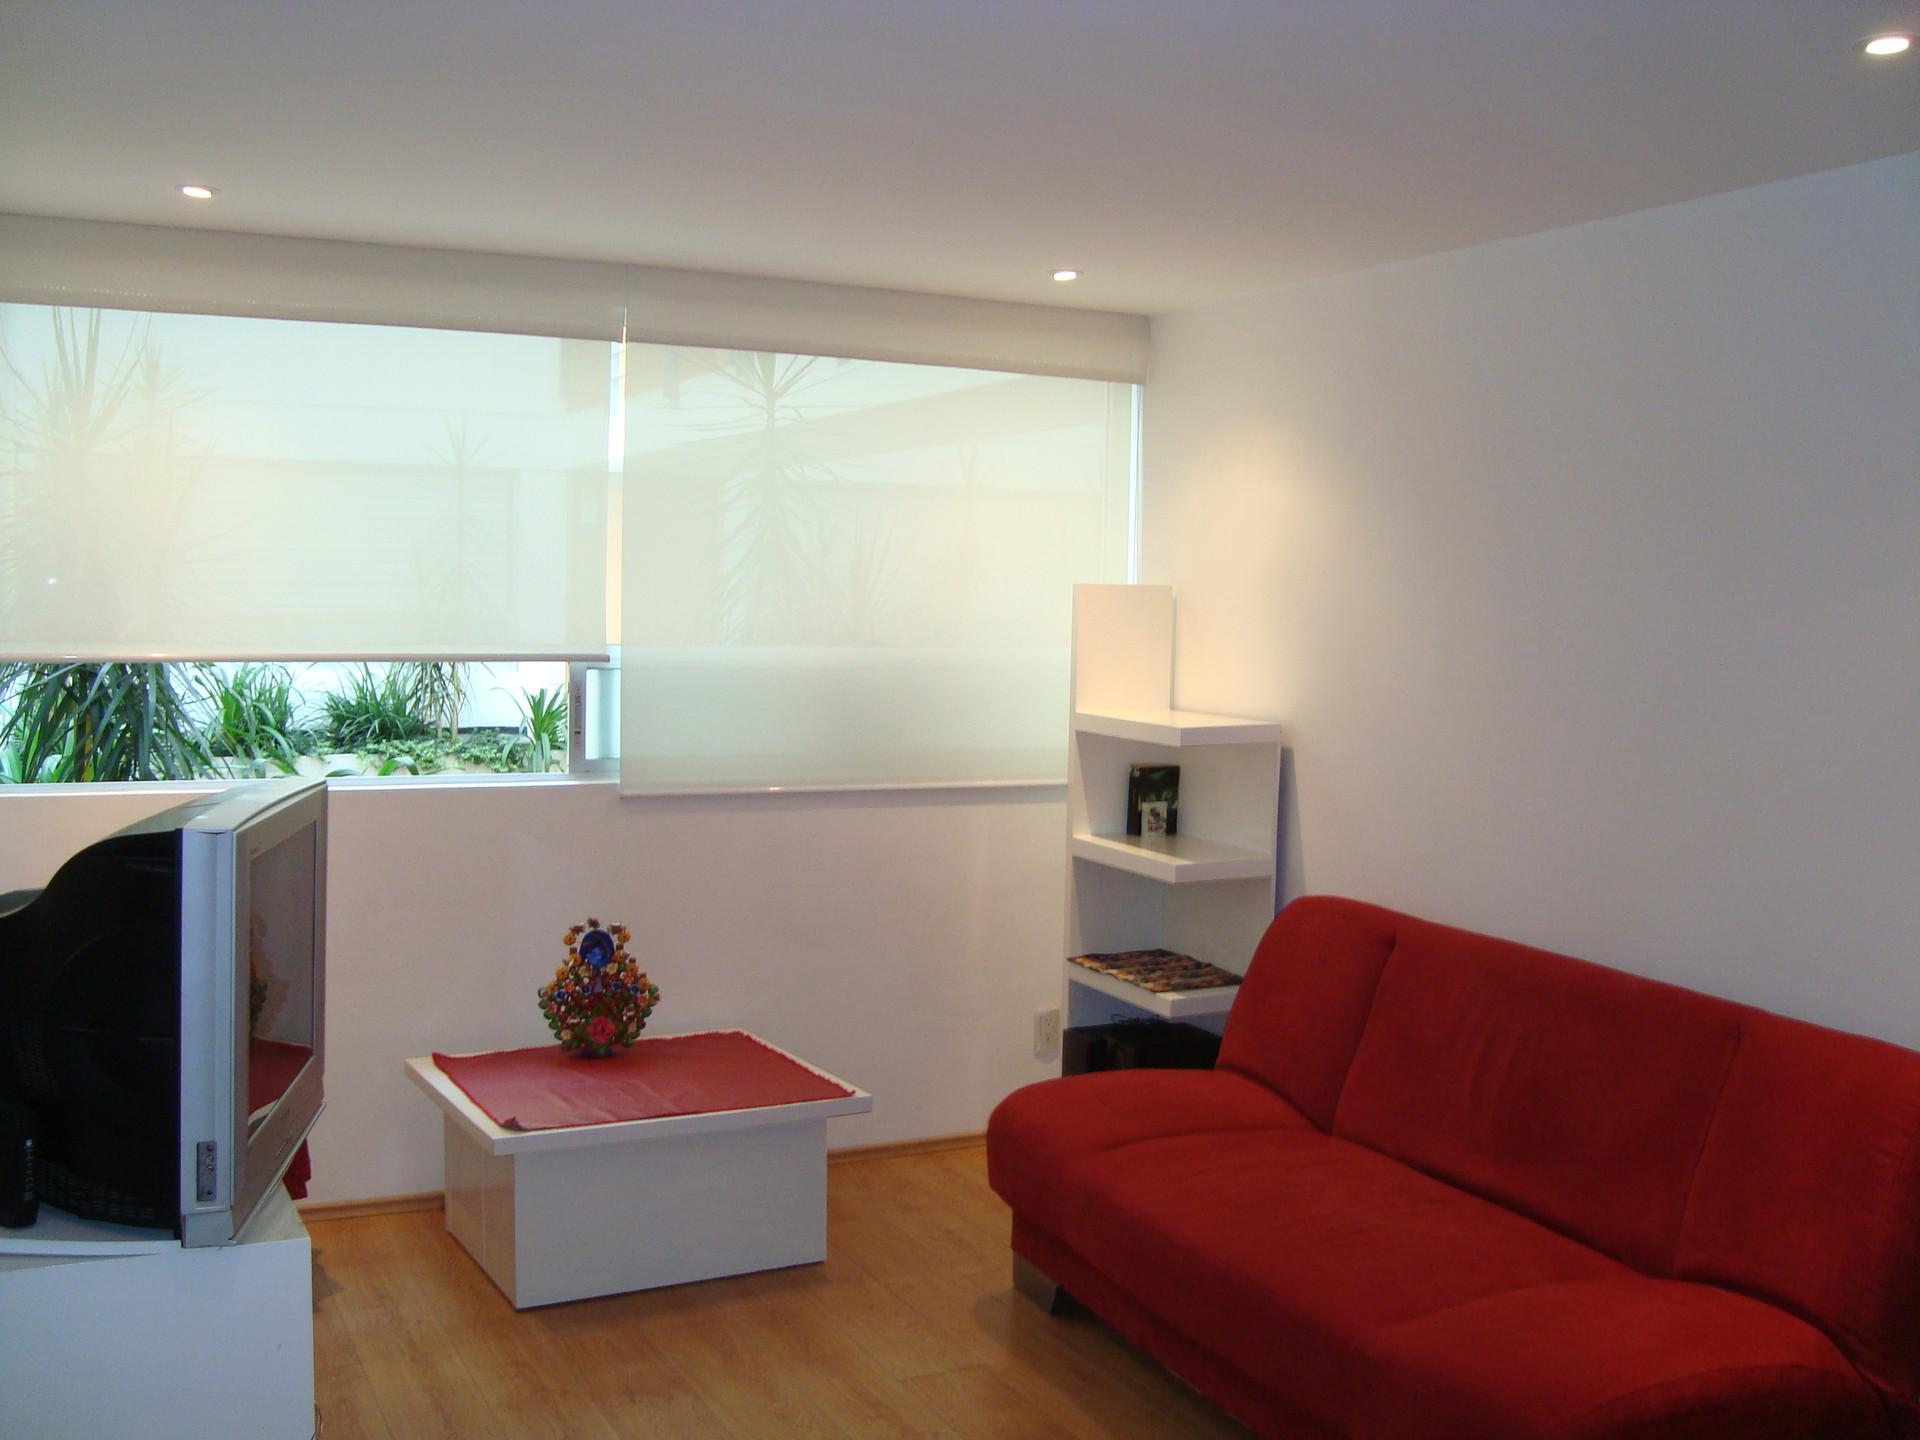 habitacion-moderno-condominio-zona-narvarte-ciudad-mexico-bb225062a46e974f25c102f305889da3